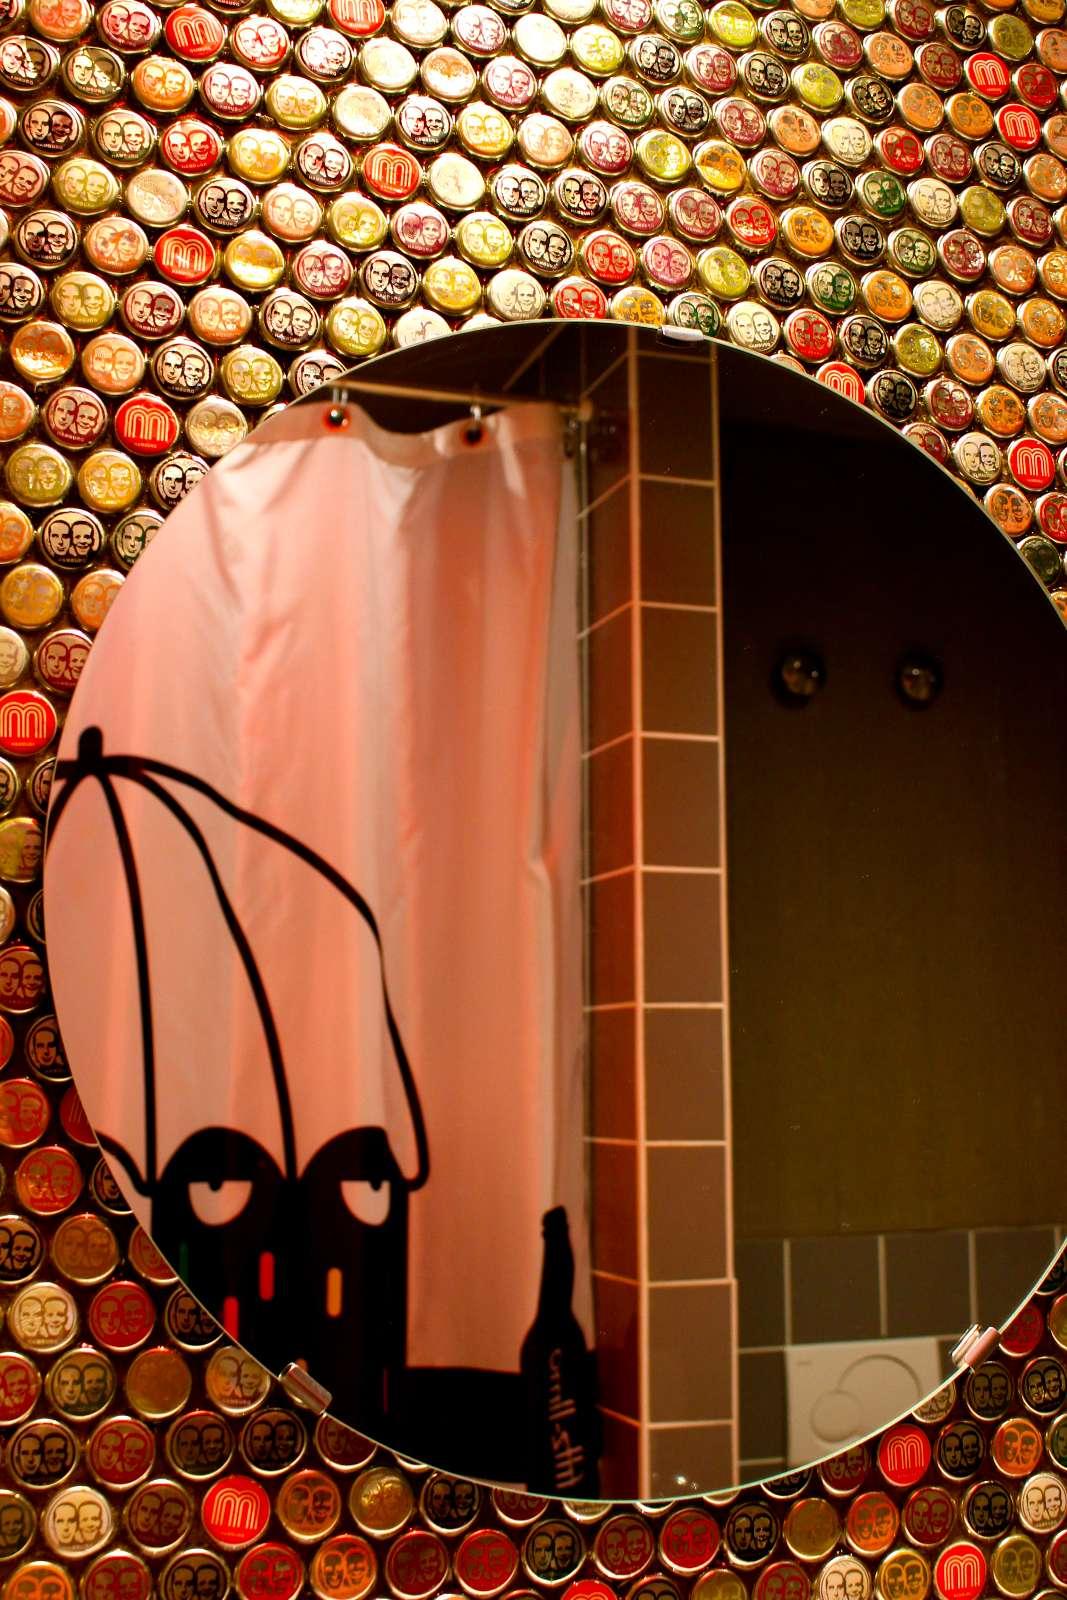 hunderte Originalkonkorken werden vom Duschvorhang beäugt